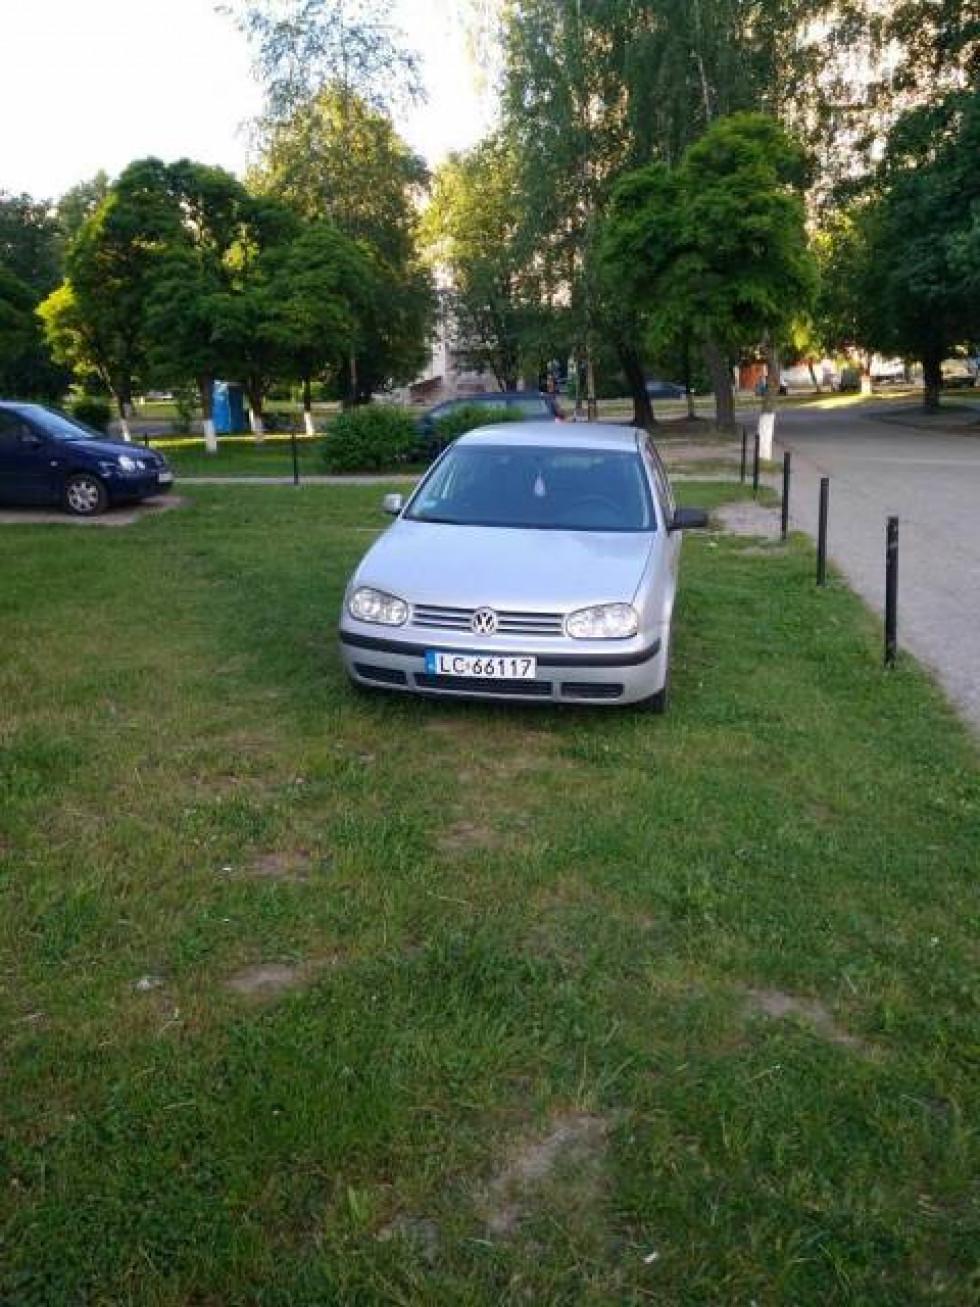 Таких авто аж 5